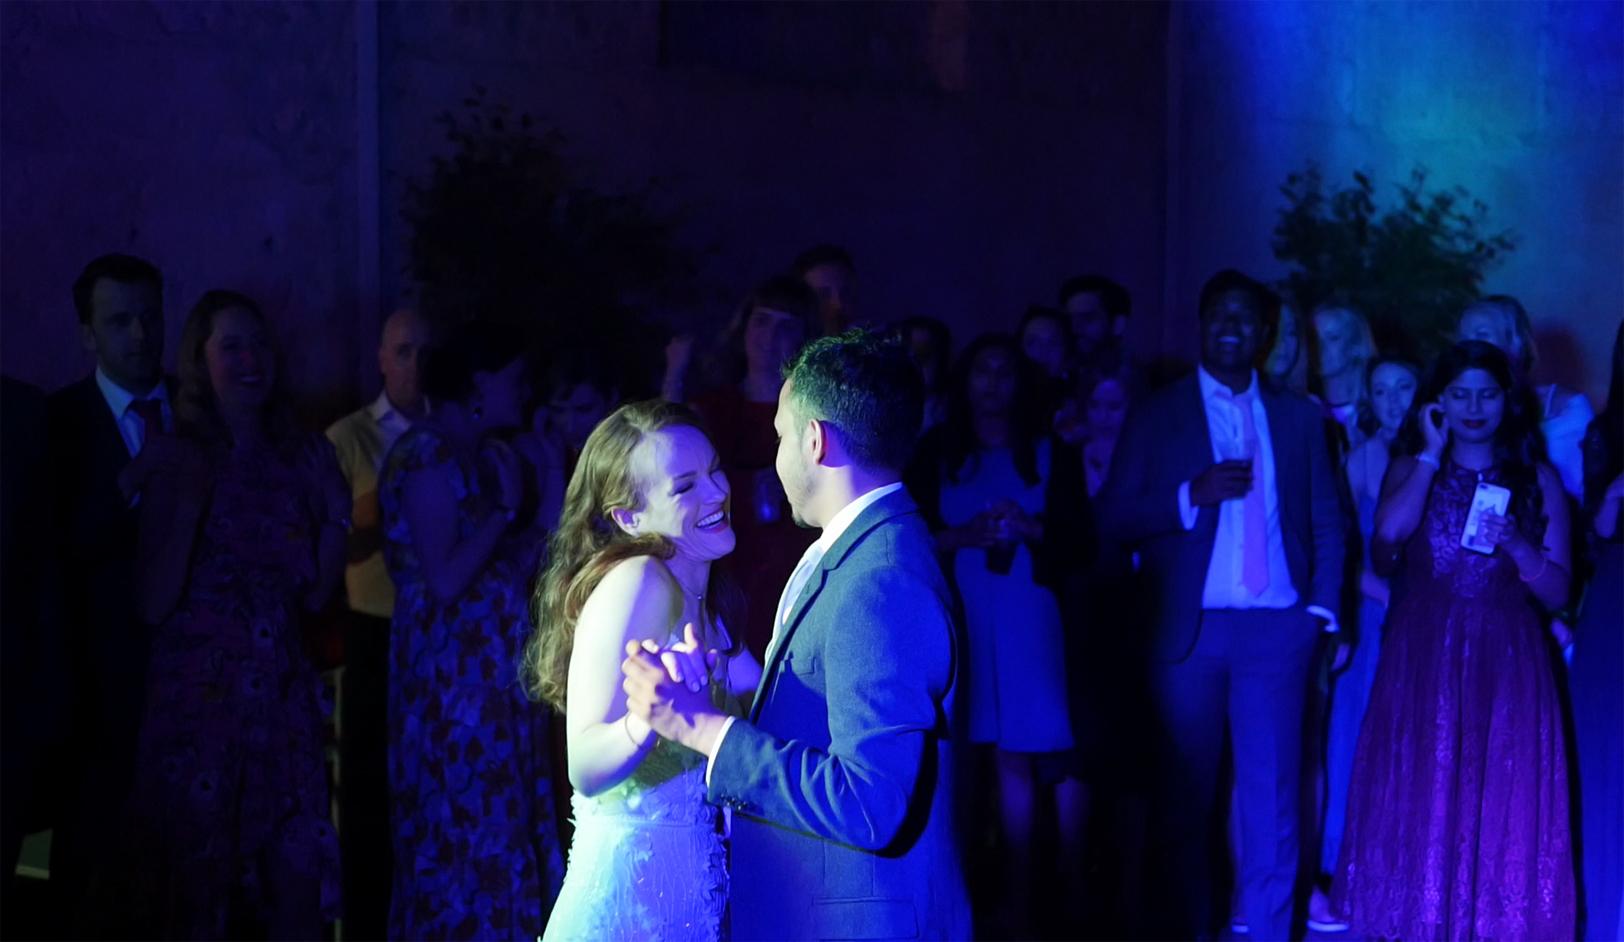 groom-bride-dance-party-borgo-of-tragliata-indian-wedding.jpg